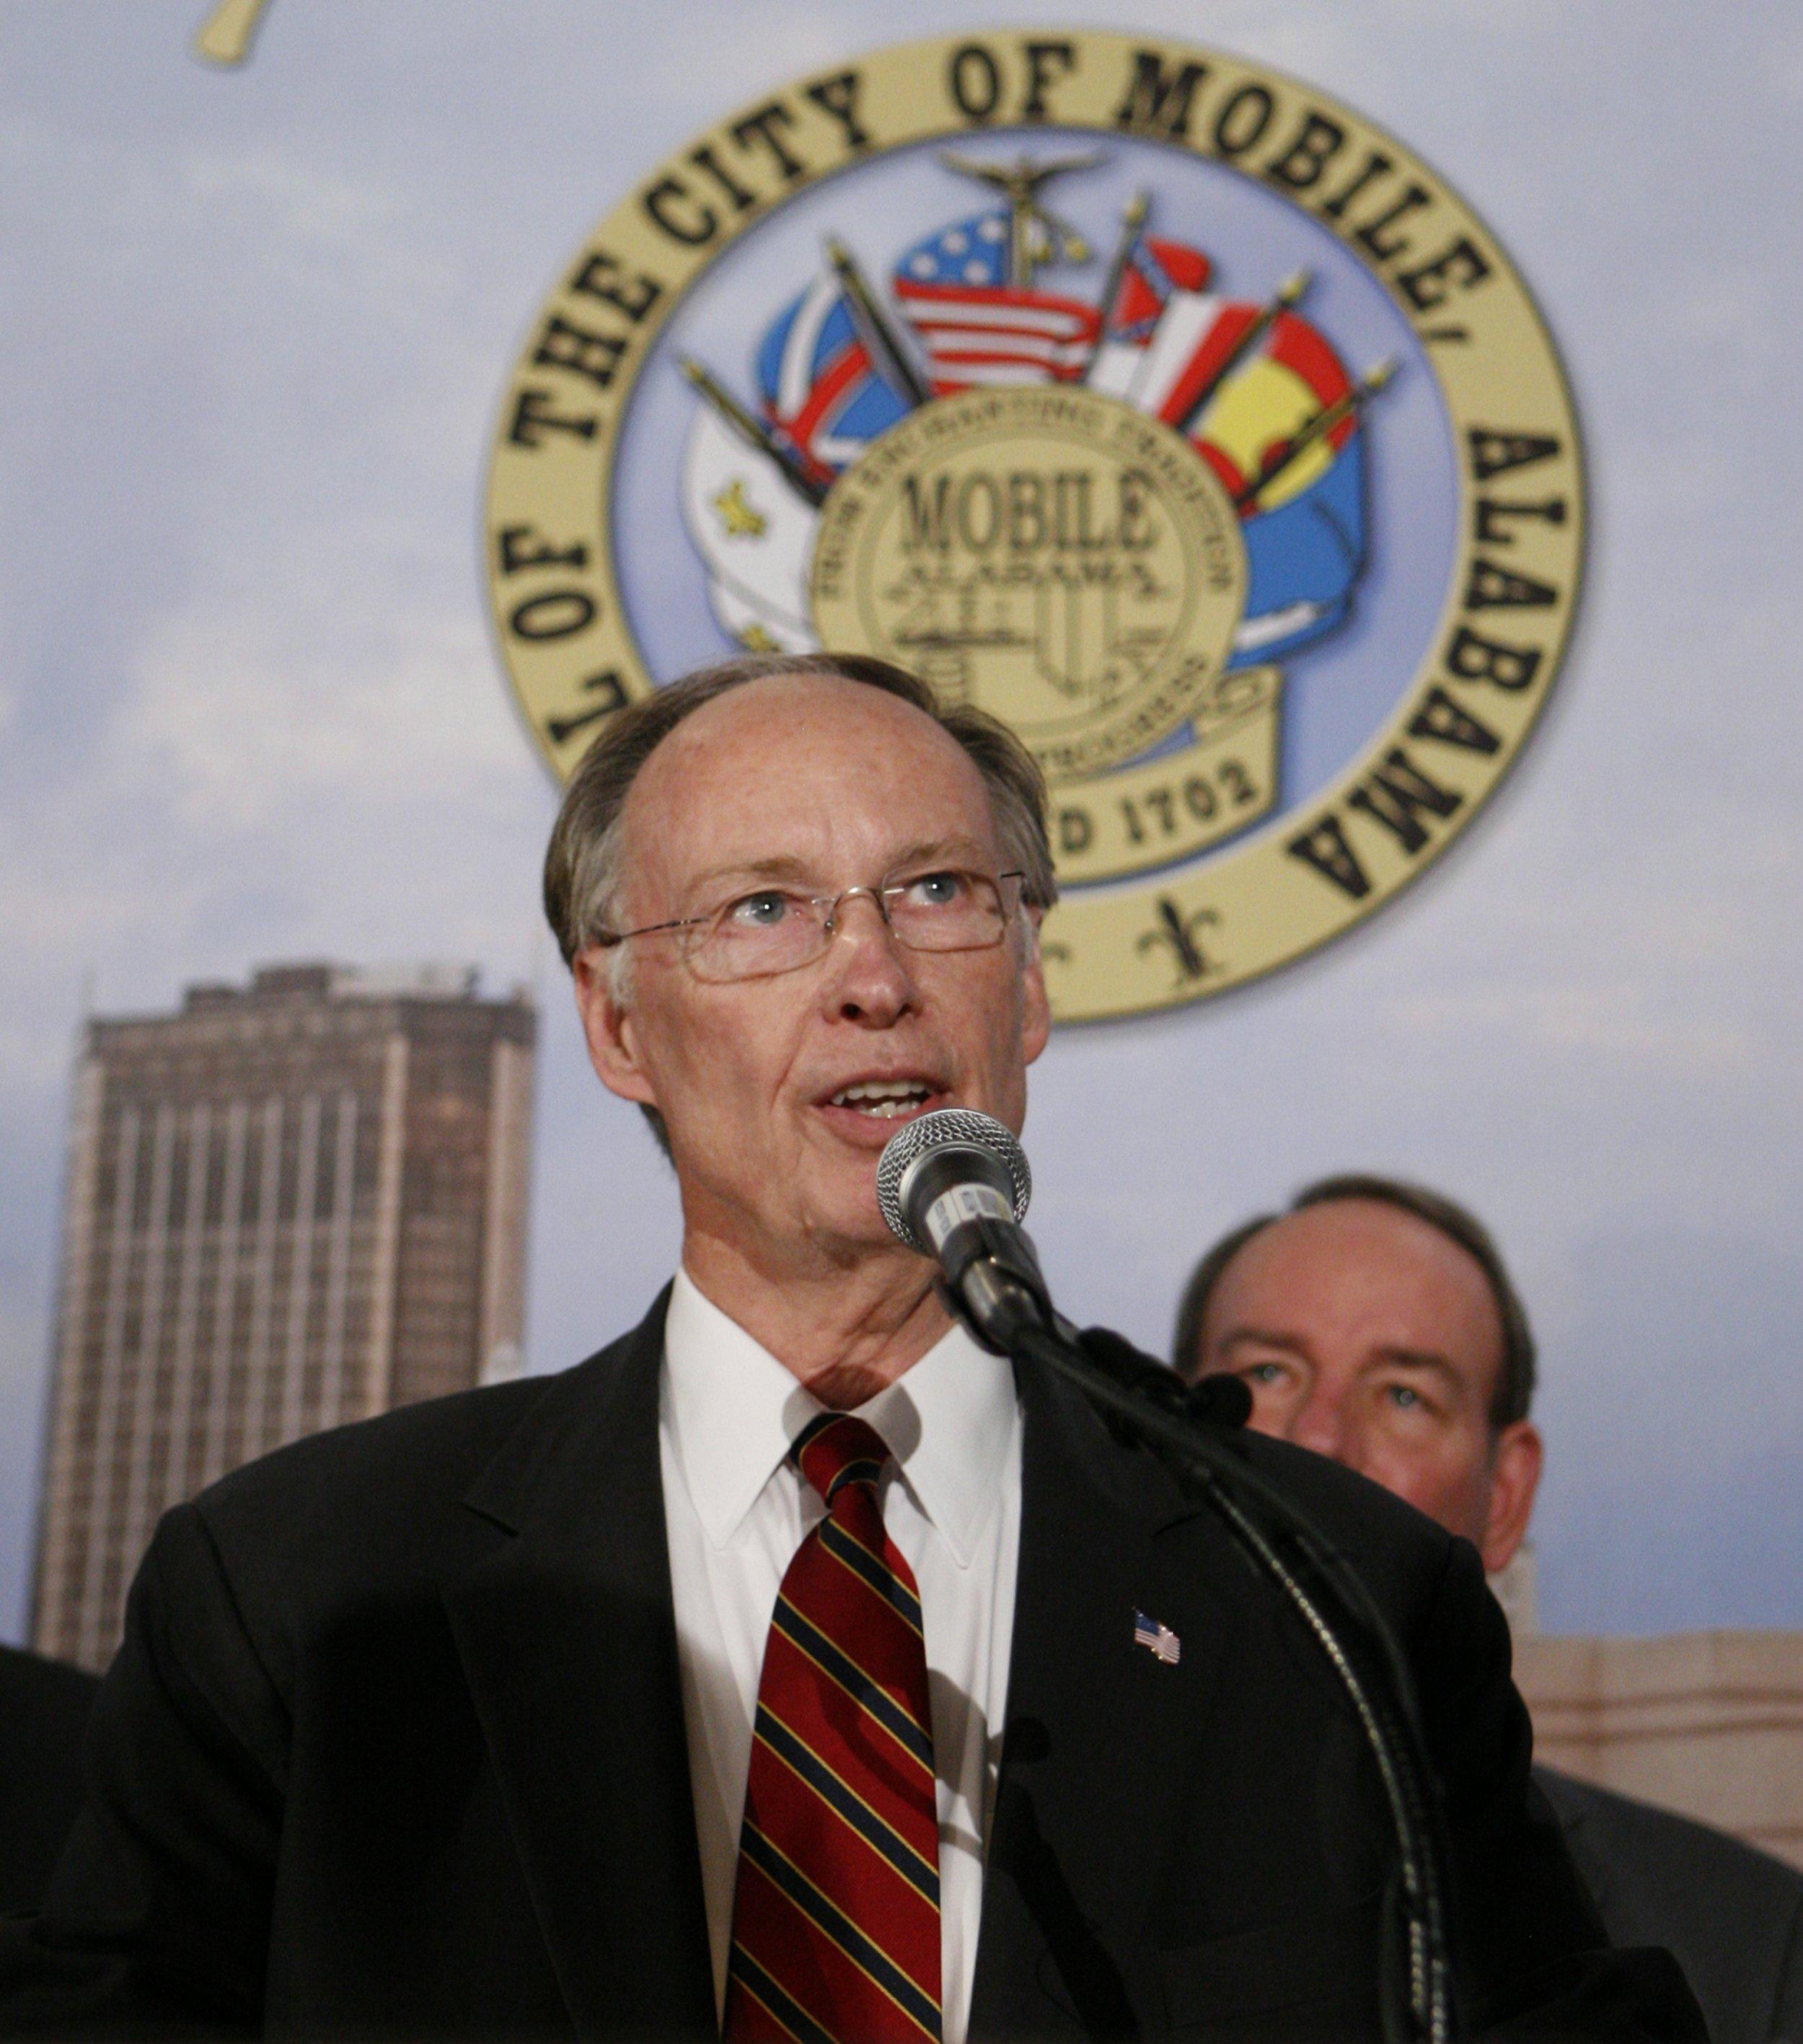 03_24_Robert_Bentley_Alabama_Governor_Sex_Scandal